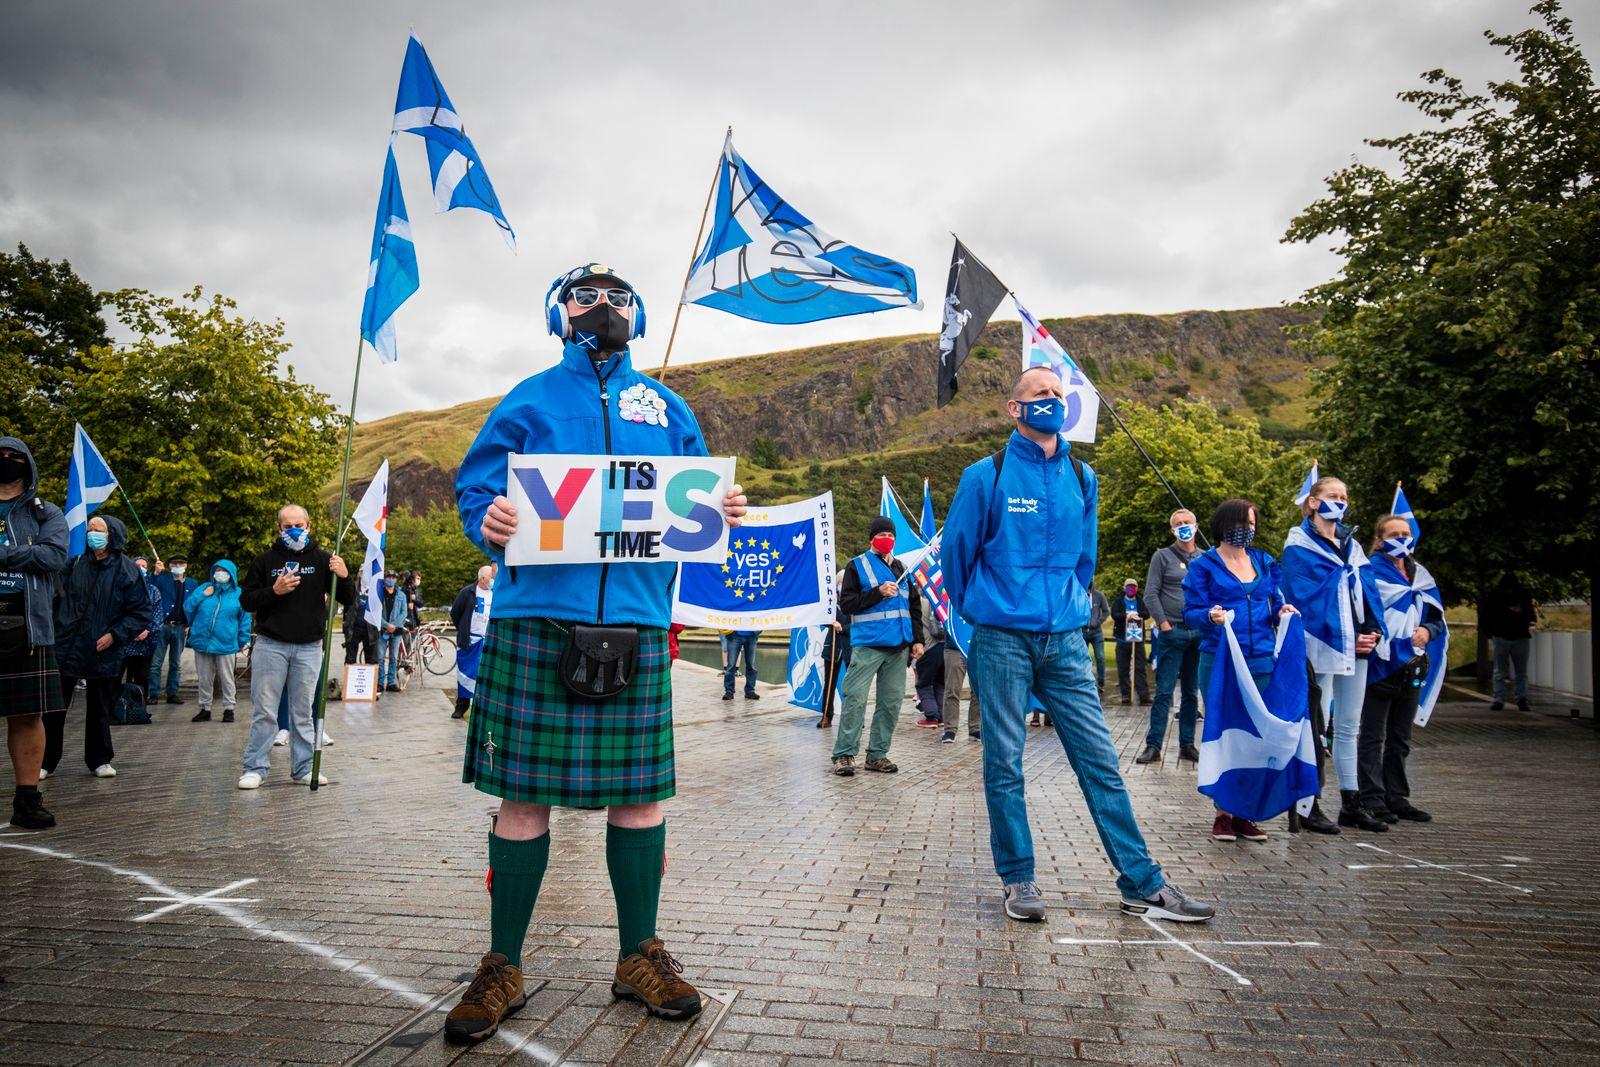 Scottish independence demonstration